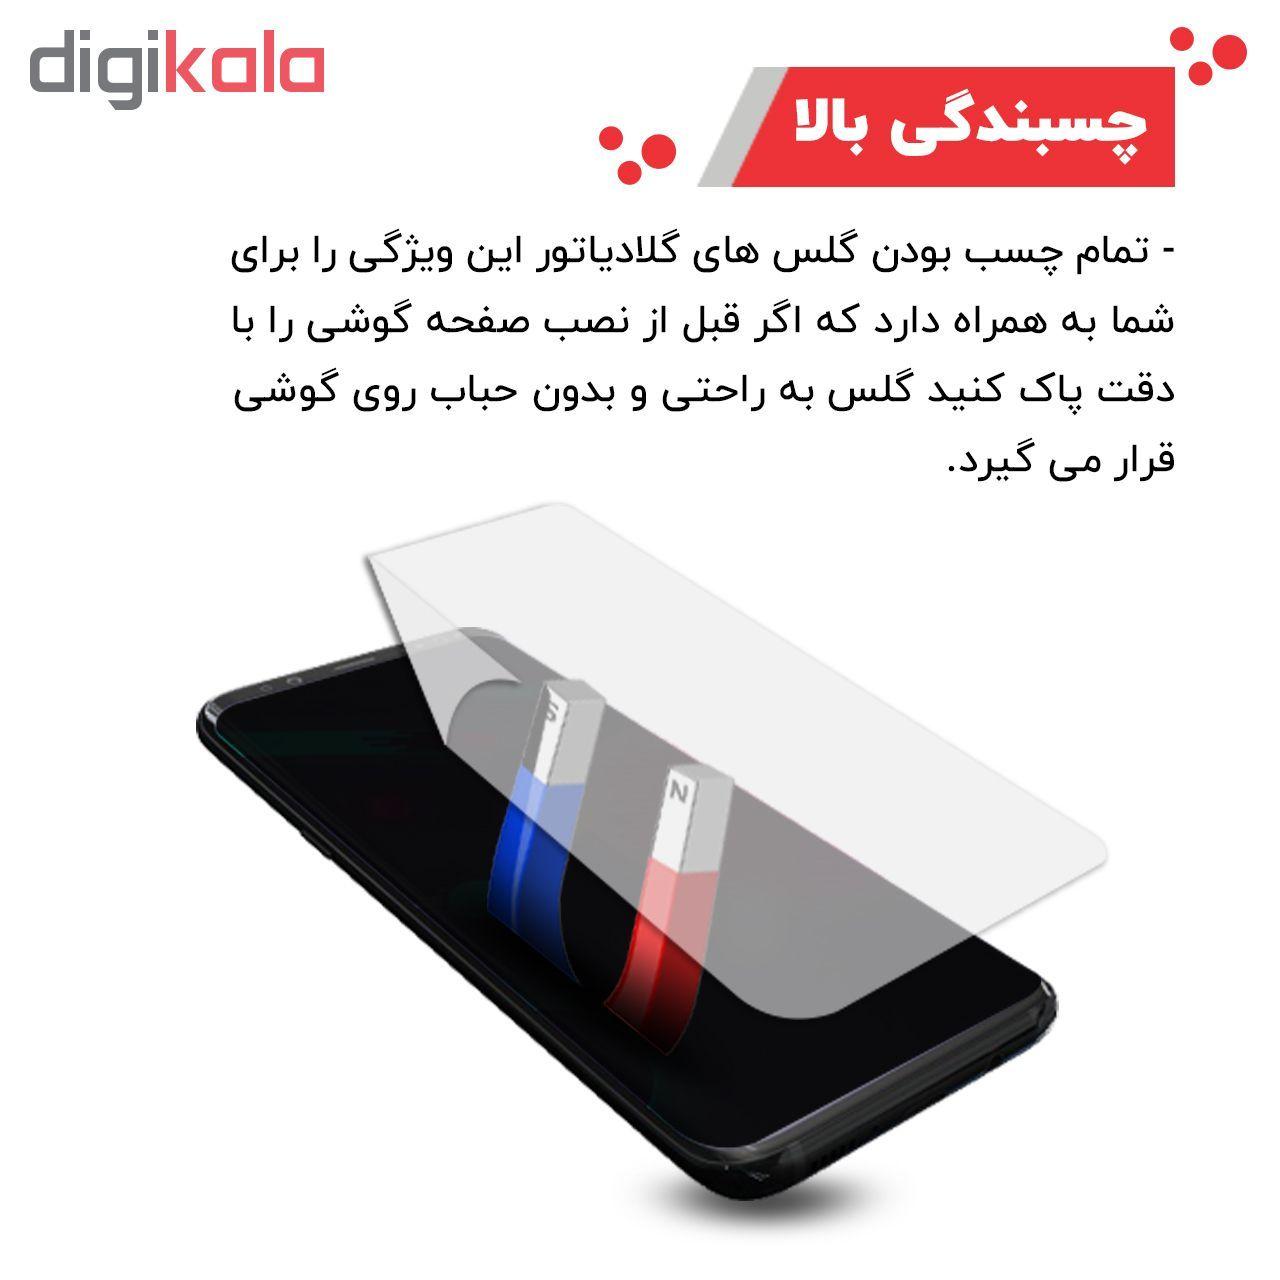 محافظ صفحه نمایش گلادیاتور مدل GLS1000 مناسب برای گوشی موبایل سامسونگ Galaxy A71 main 1 5